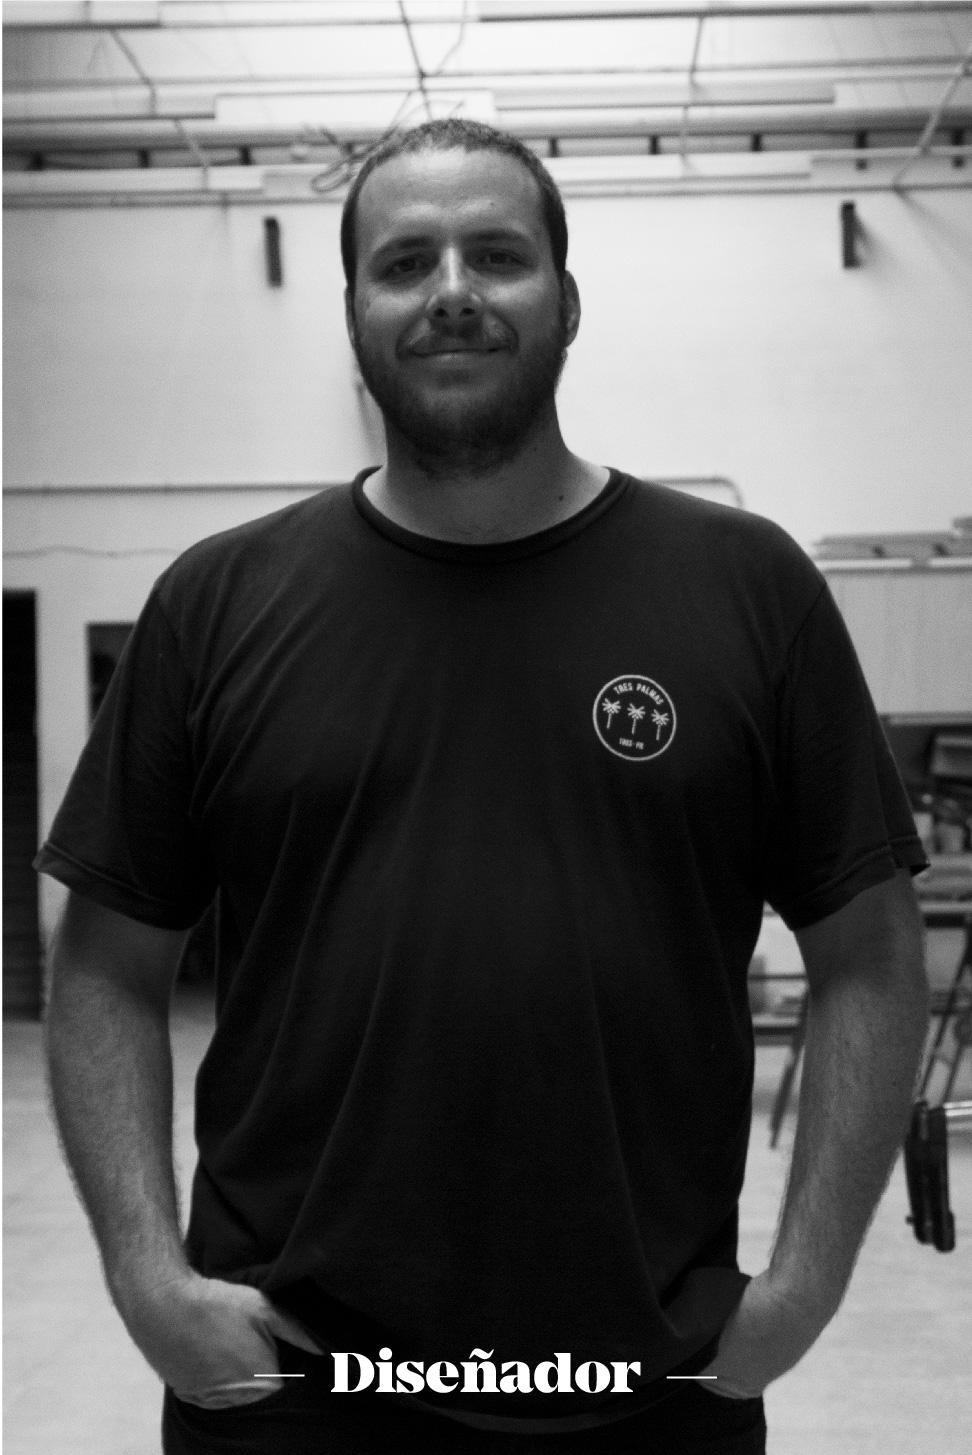 Antonio Vecchini (diseñador)  - también conocido como SIPI se mueve entre los cepillos de mano y la CNC. Tiene su propia marca de skates y también enseña a nuestros miembros a usar la CNC.